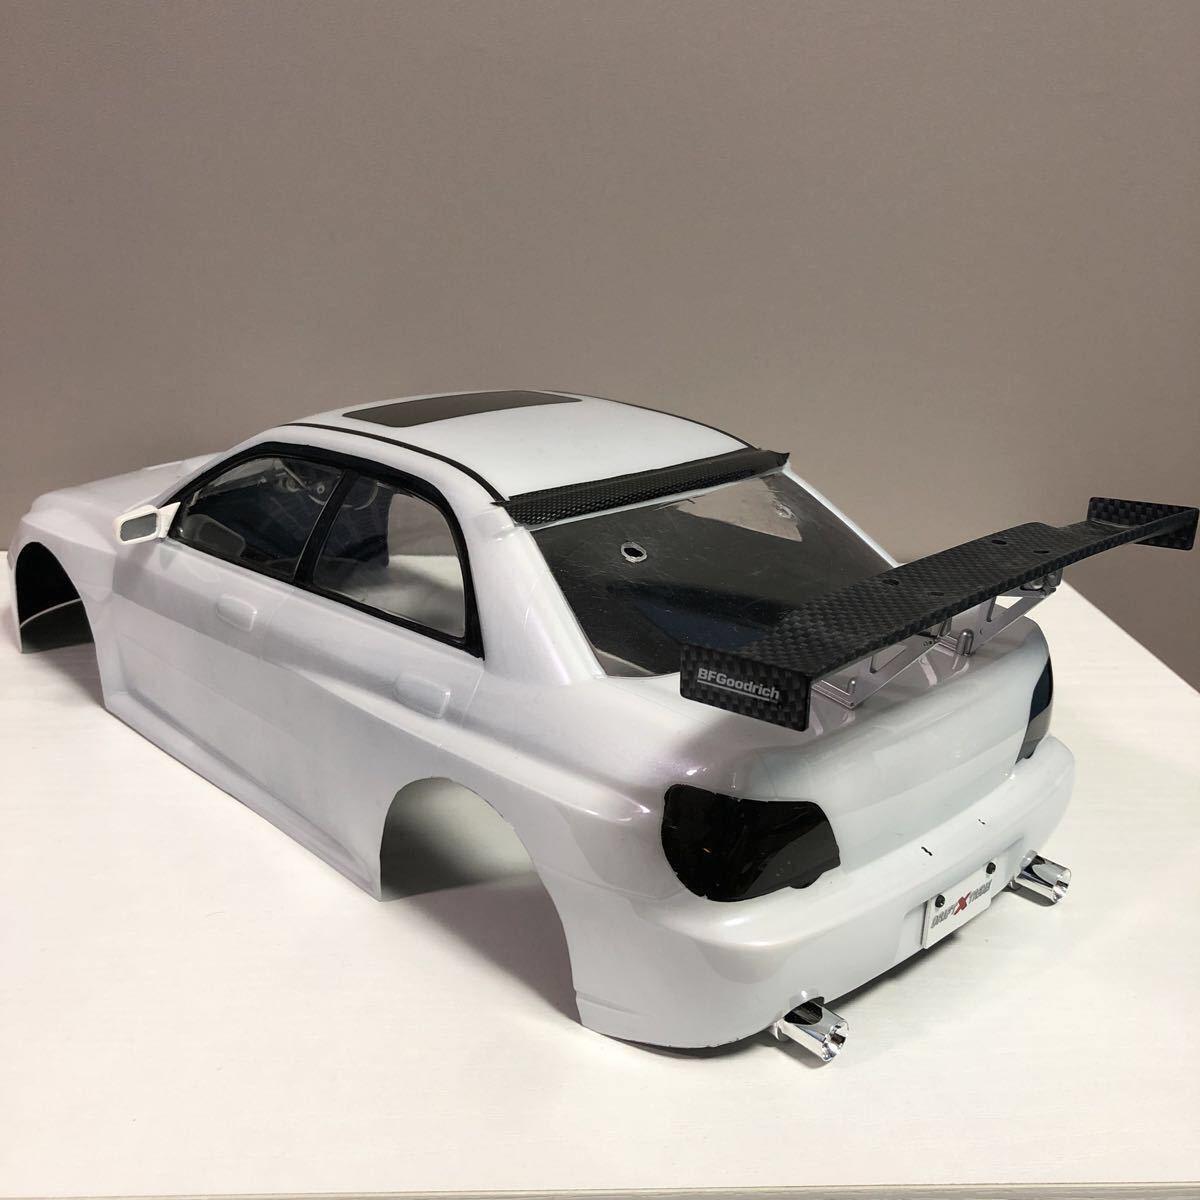 売切!1円スタート!タミヤ 1/10 電動RC ボディセット スバル インプレッサ WRC 塗装済 ジャンク 社外ウイング ライトユニット付_画像6